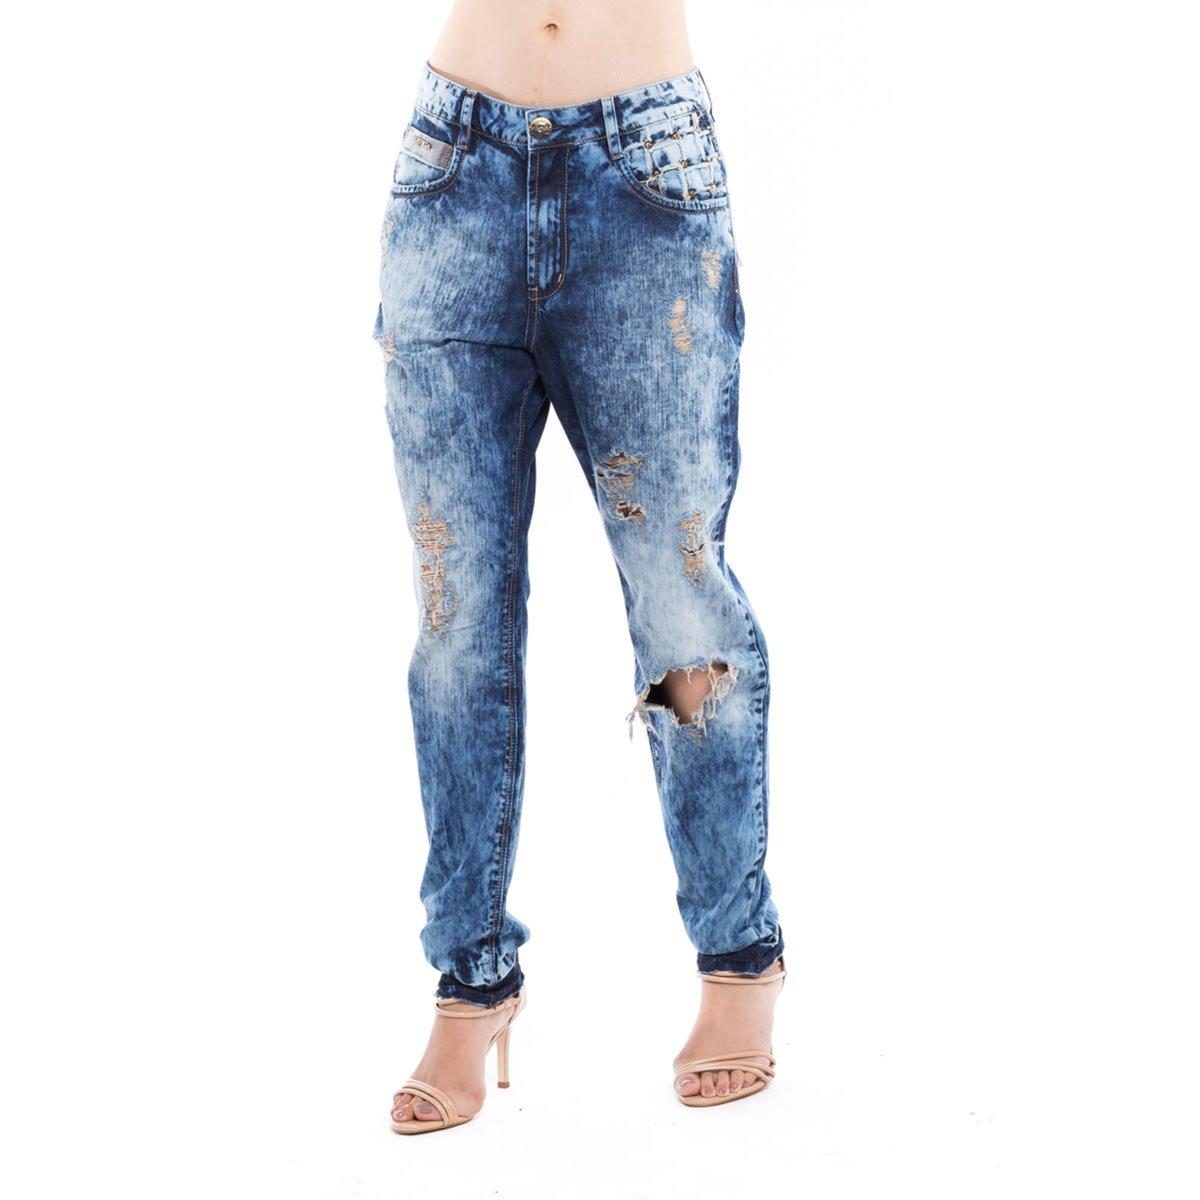 9b67177d02 Calça Boyfriend Denuncia Jeans  Calça Boyfriend Denuncia Jeans ...